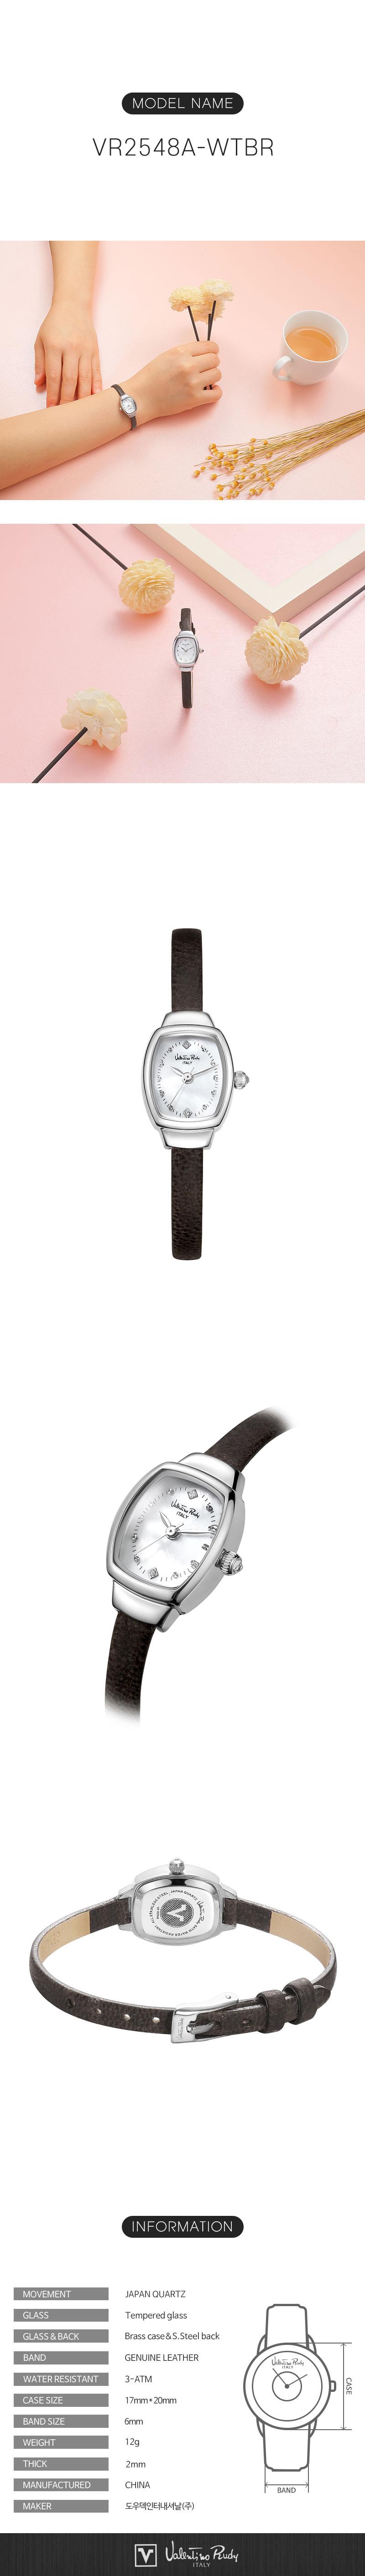 발렌티노 루디(VALENTINO RUDY) VR2548A-WTBR 여자시계 가죽시계